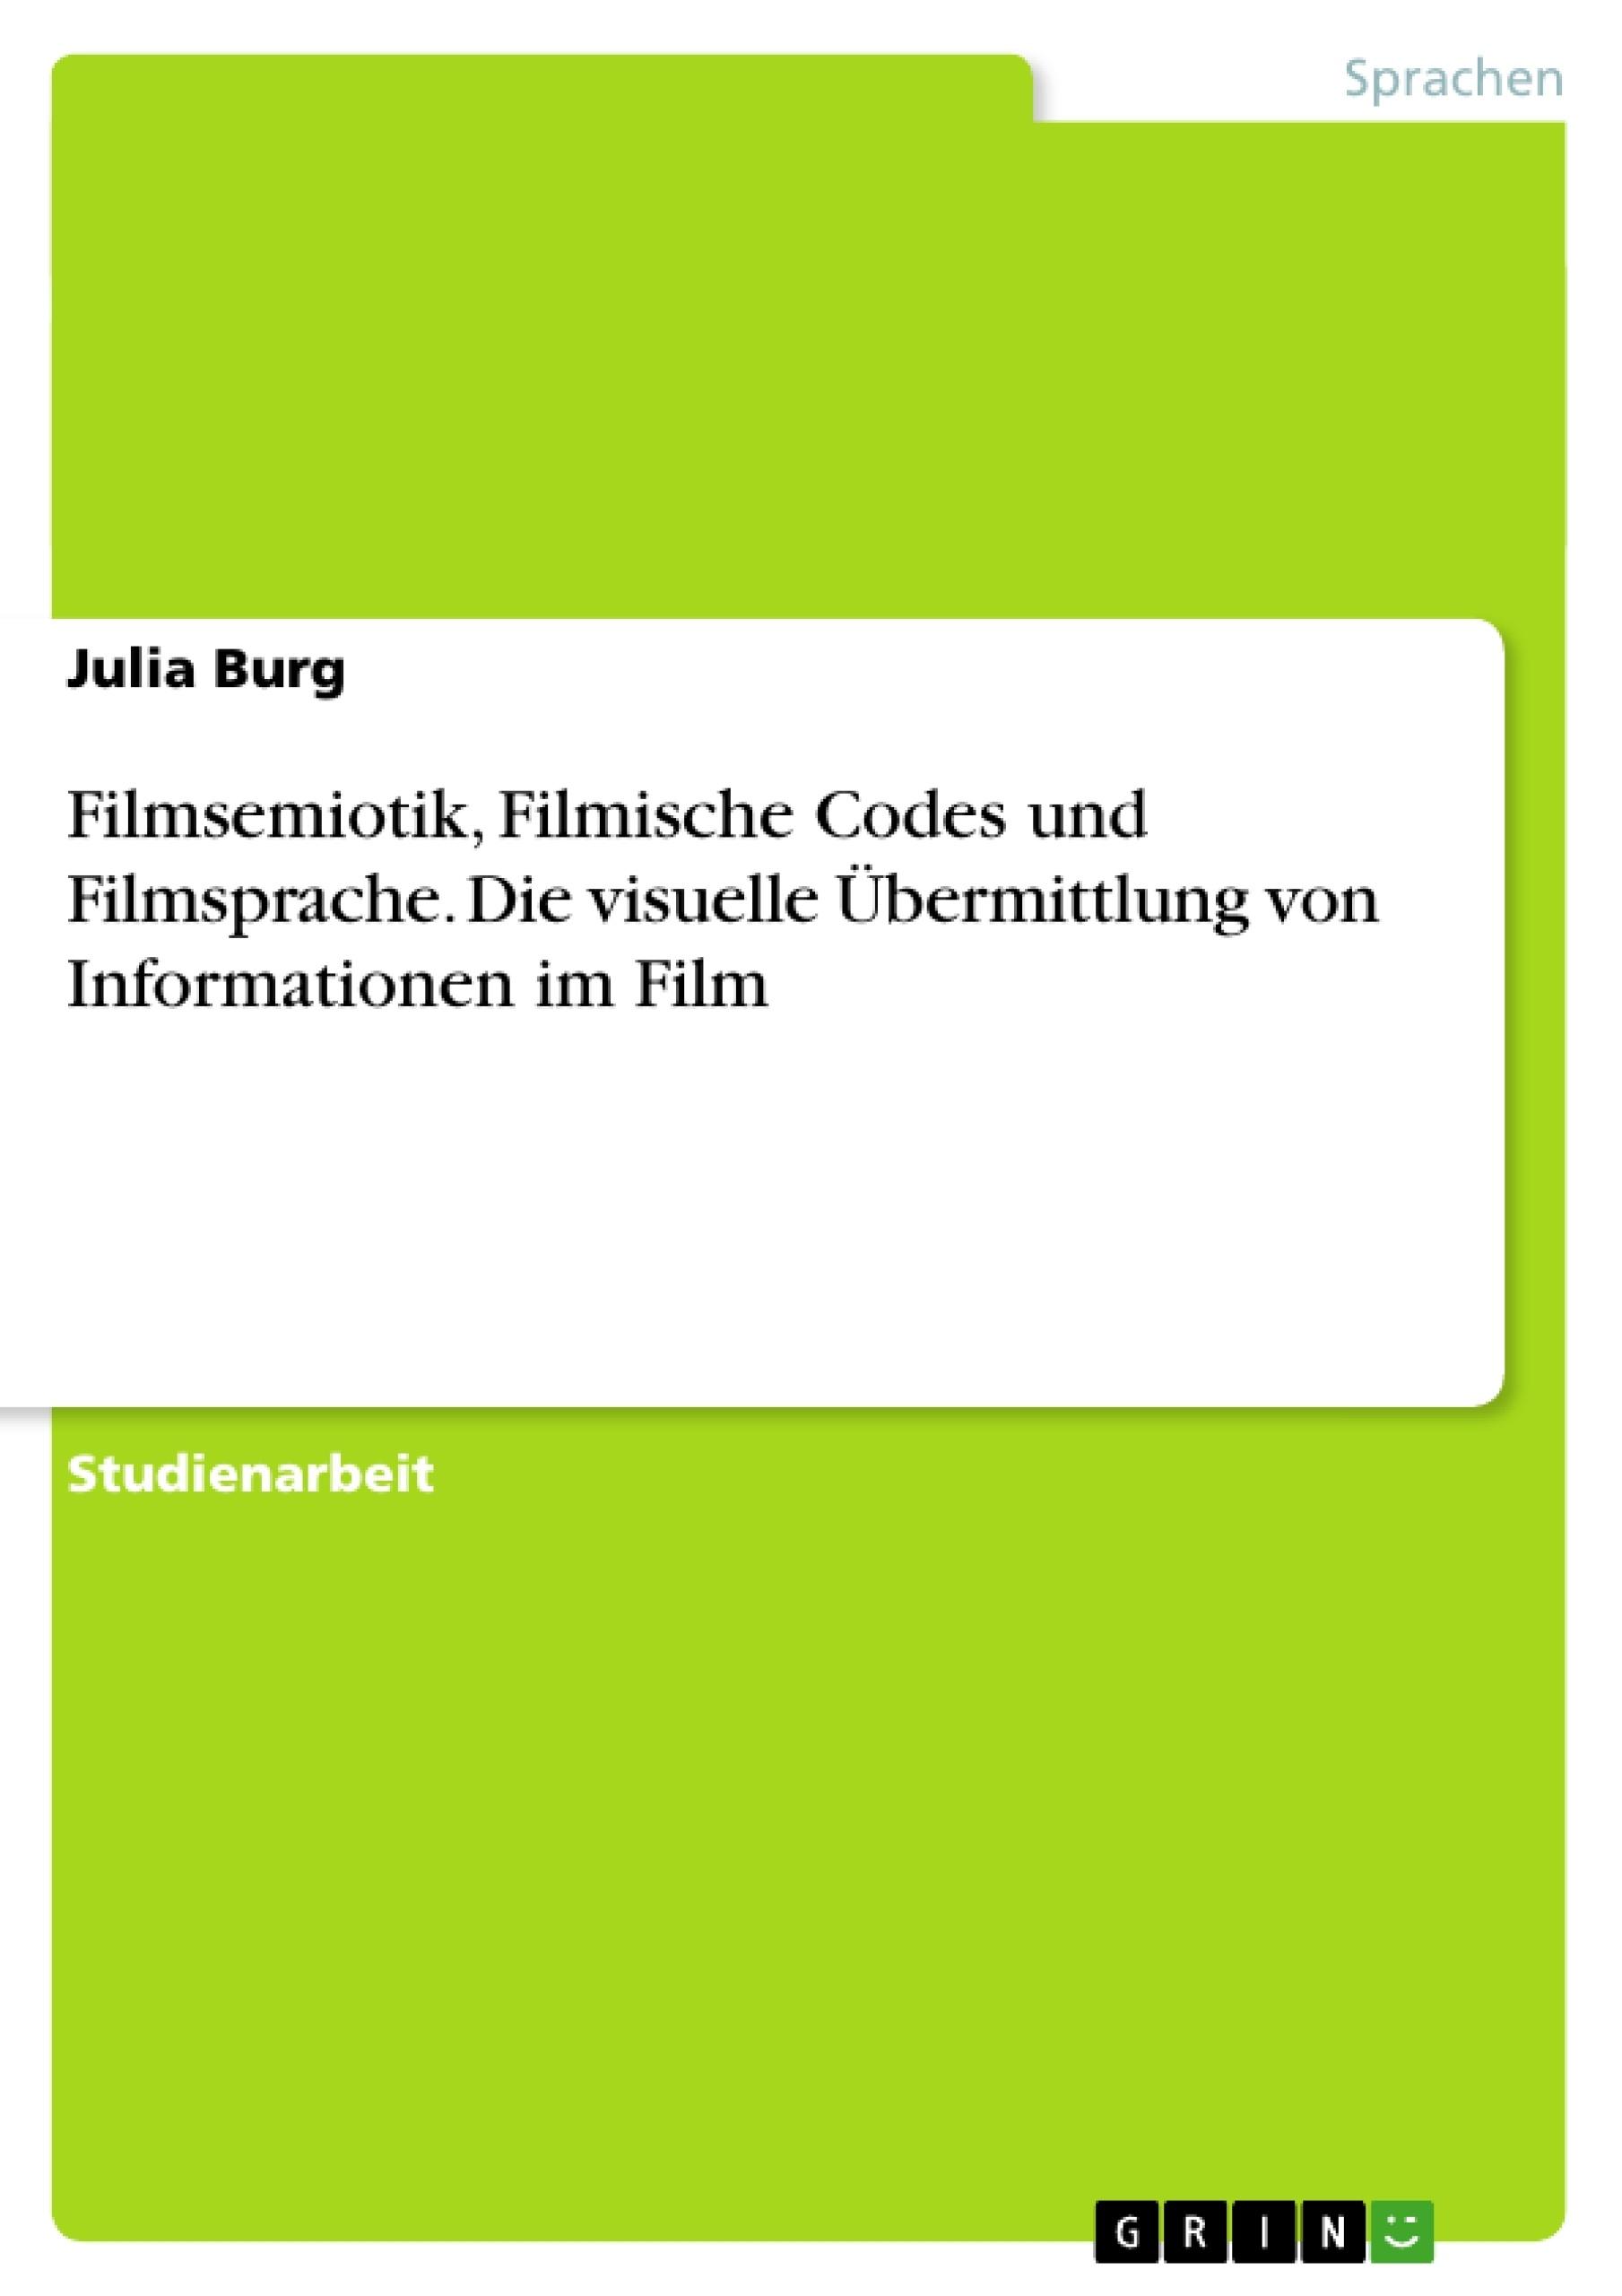 Titel: Filmsemiotik, Filmische Codes und Filmsprache. Die visuelle Übermittlung von Informationen im Film